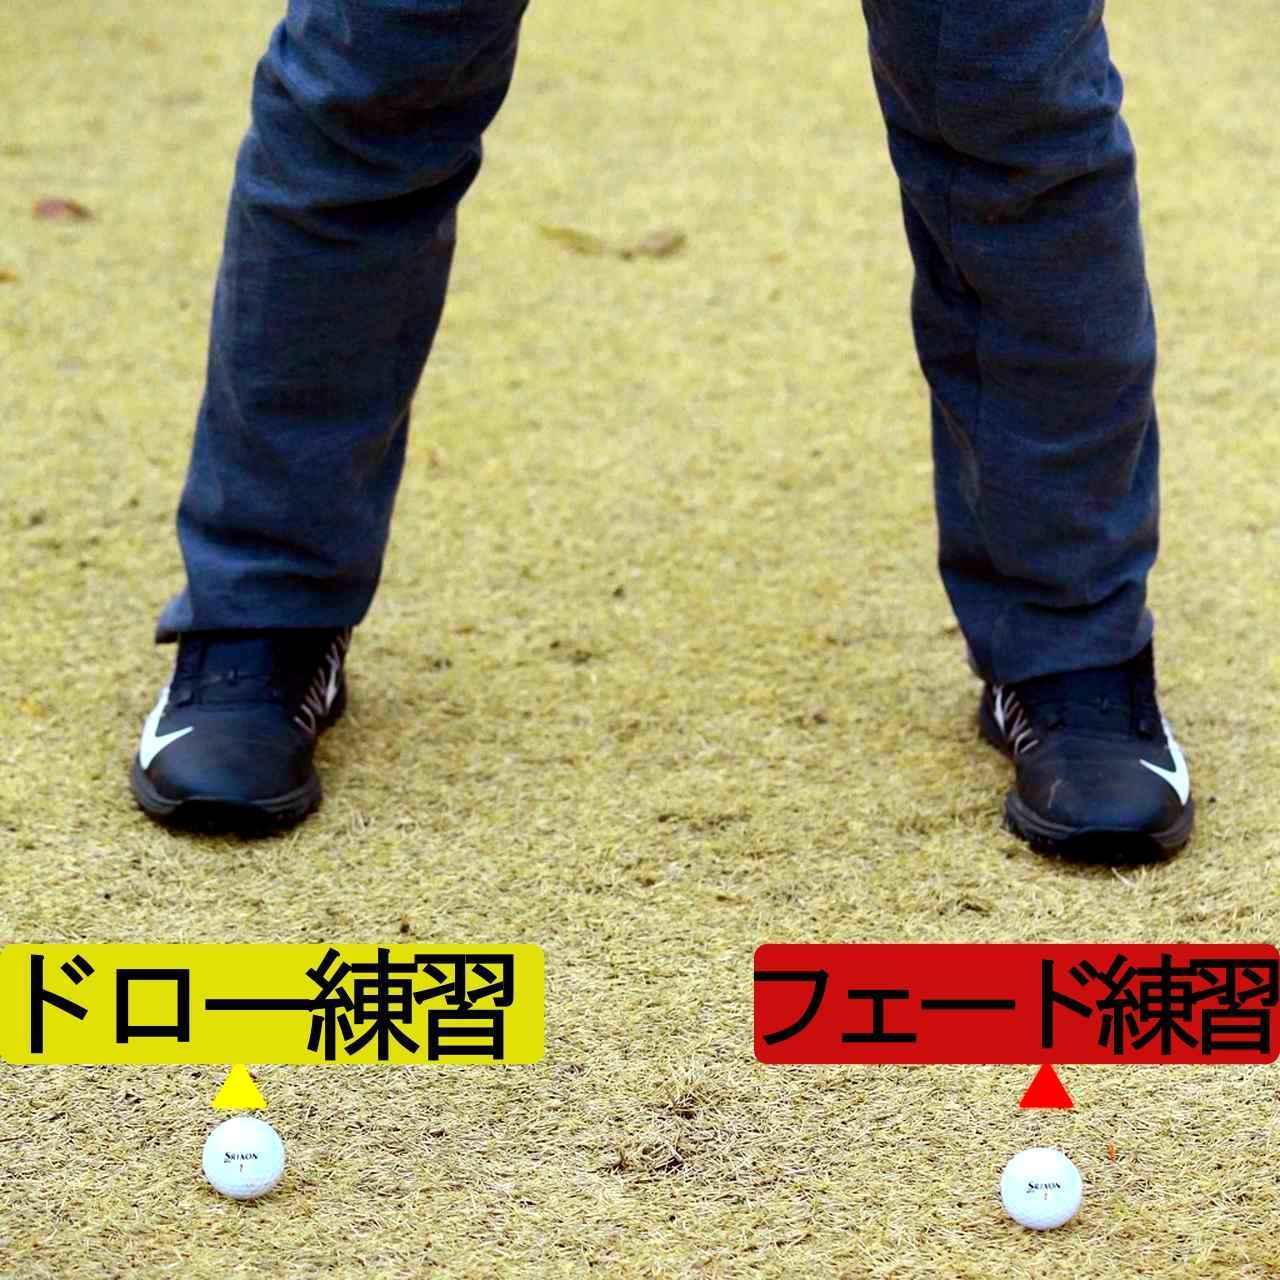 画像1: 【ドリル】両つま先前に置いてボールを打つ